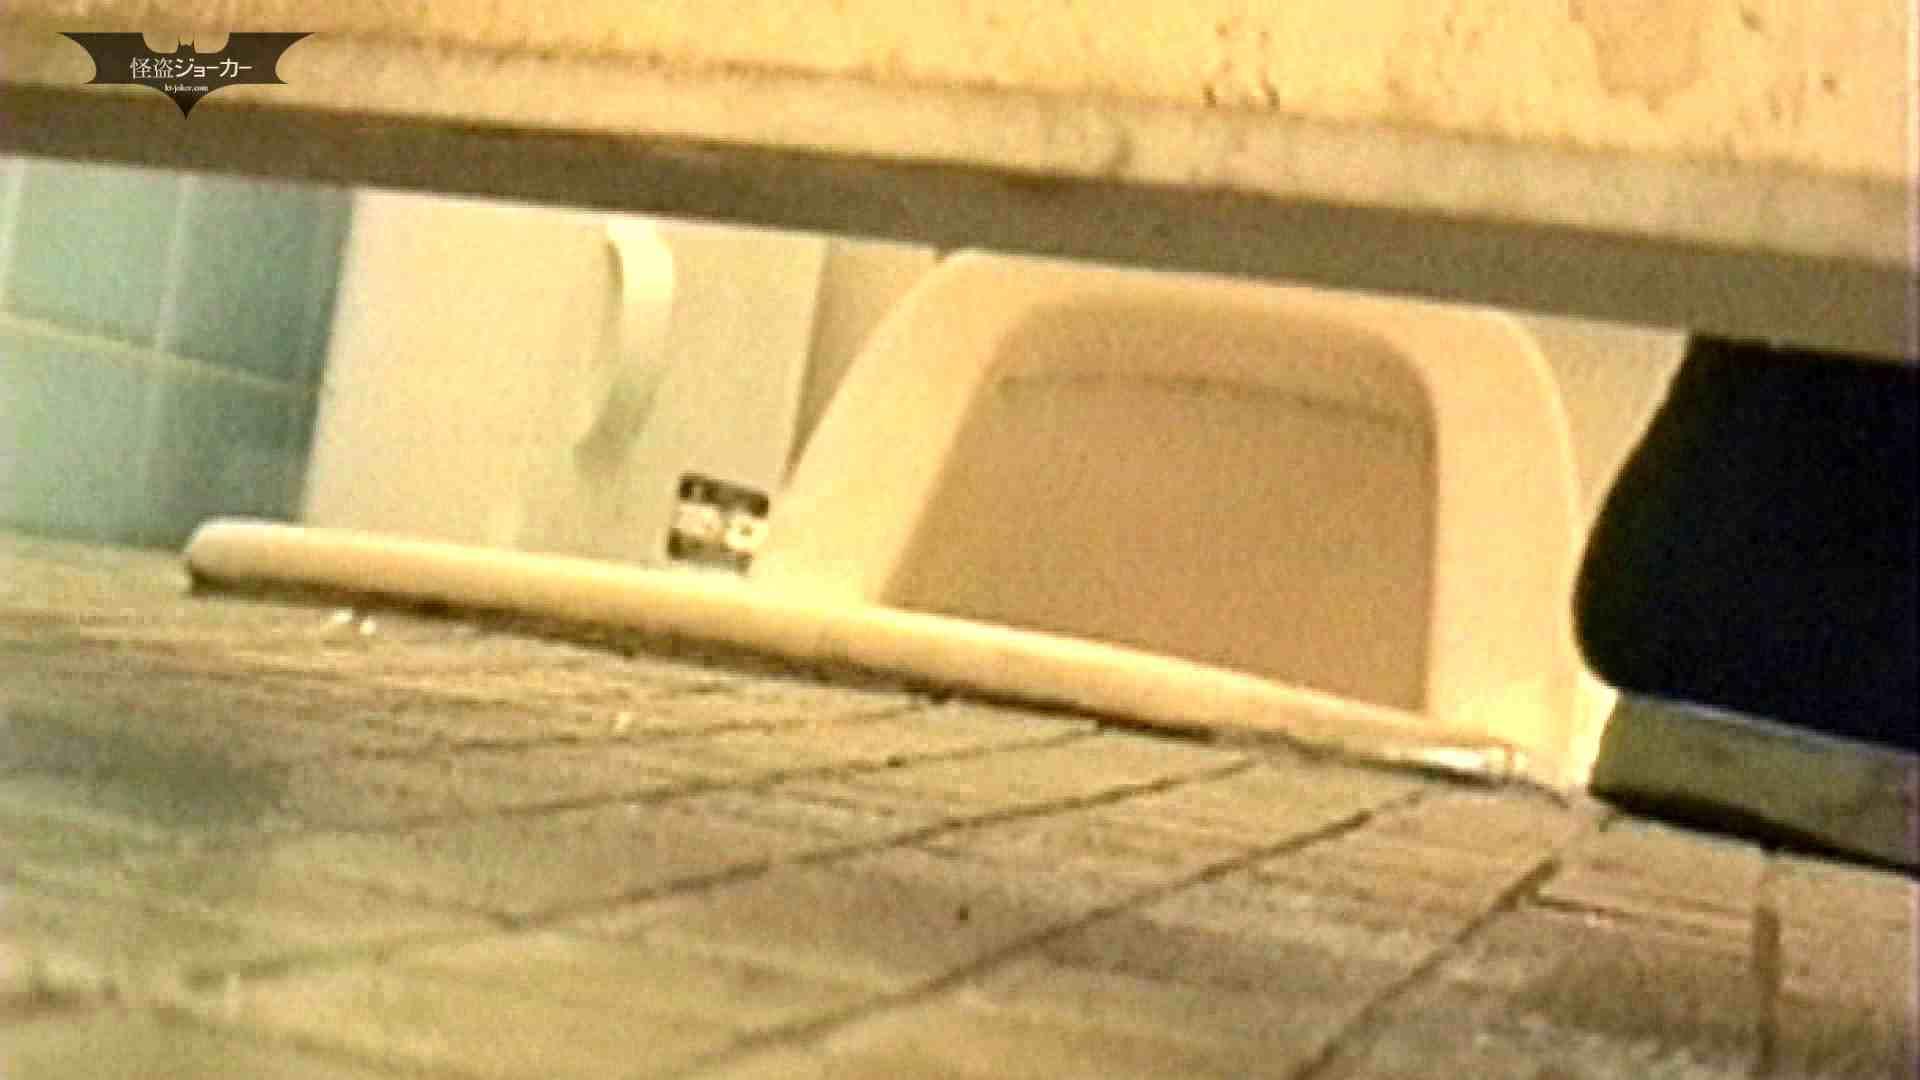 女の子の休み時間のひととき Vol.03 美肌 オマンコ無修正動画無料 54画像 53